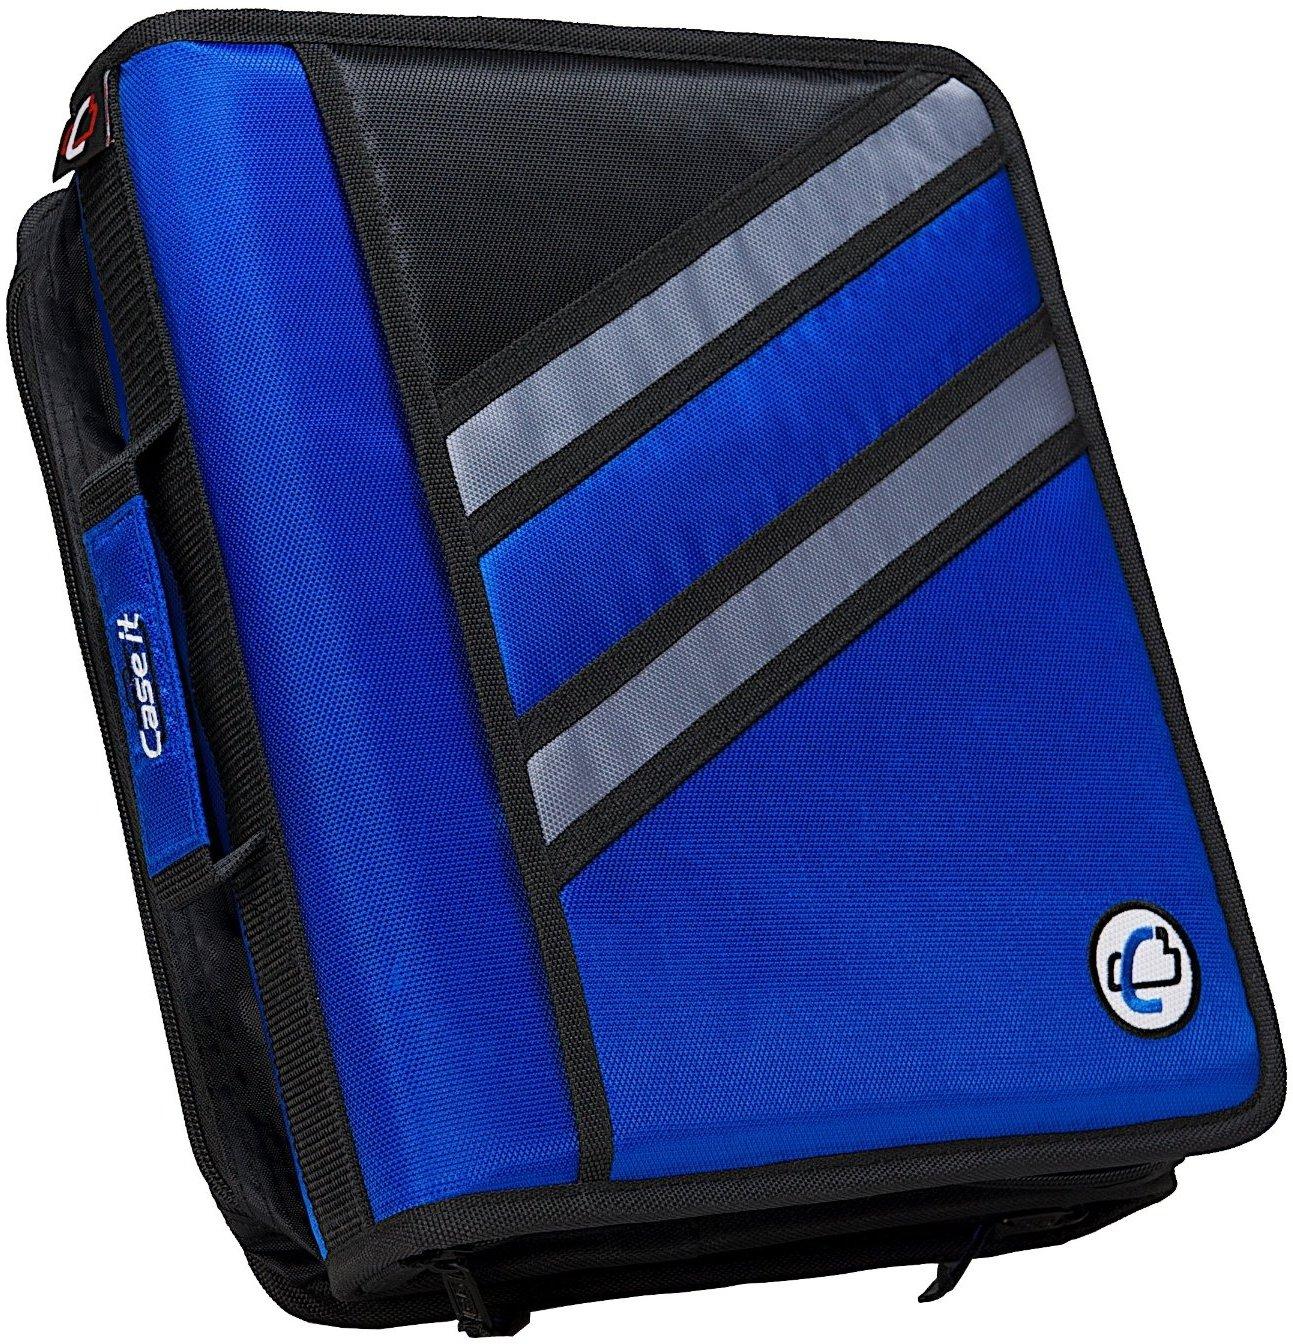 Case-it Z-Binder Two-in-One 1.5-Inch D-Ring Zipper Binder, Blue (Z-176-BLU)